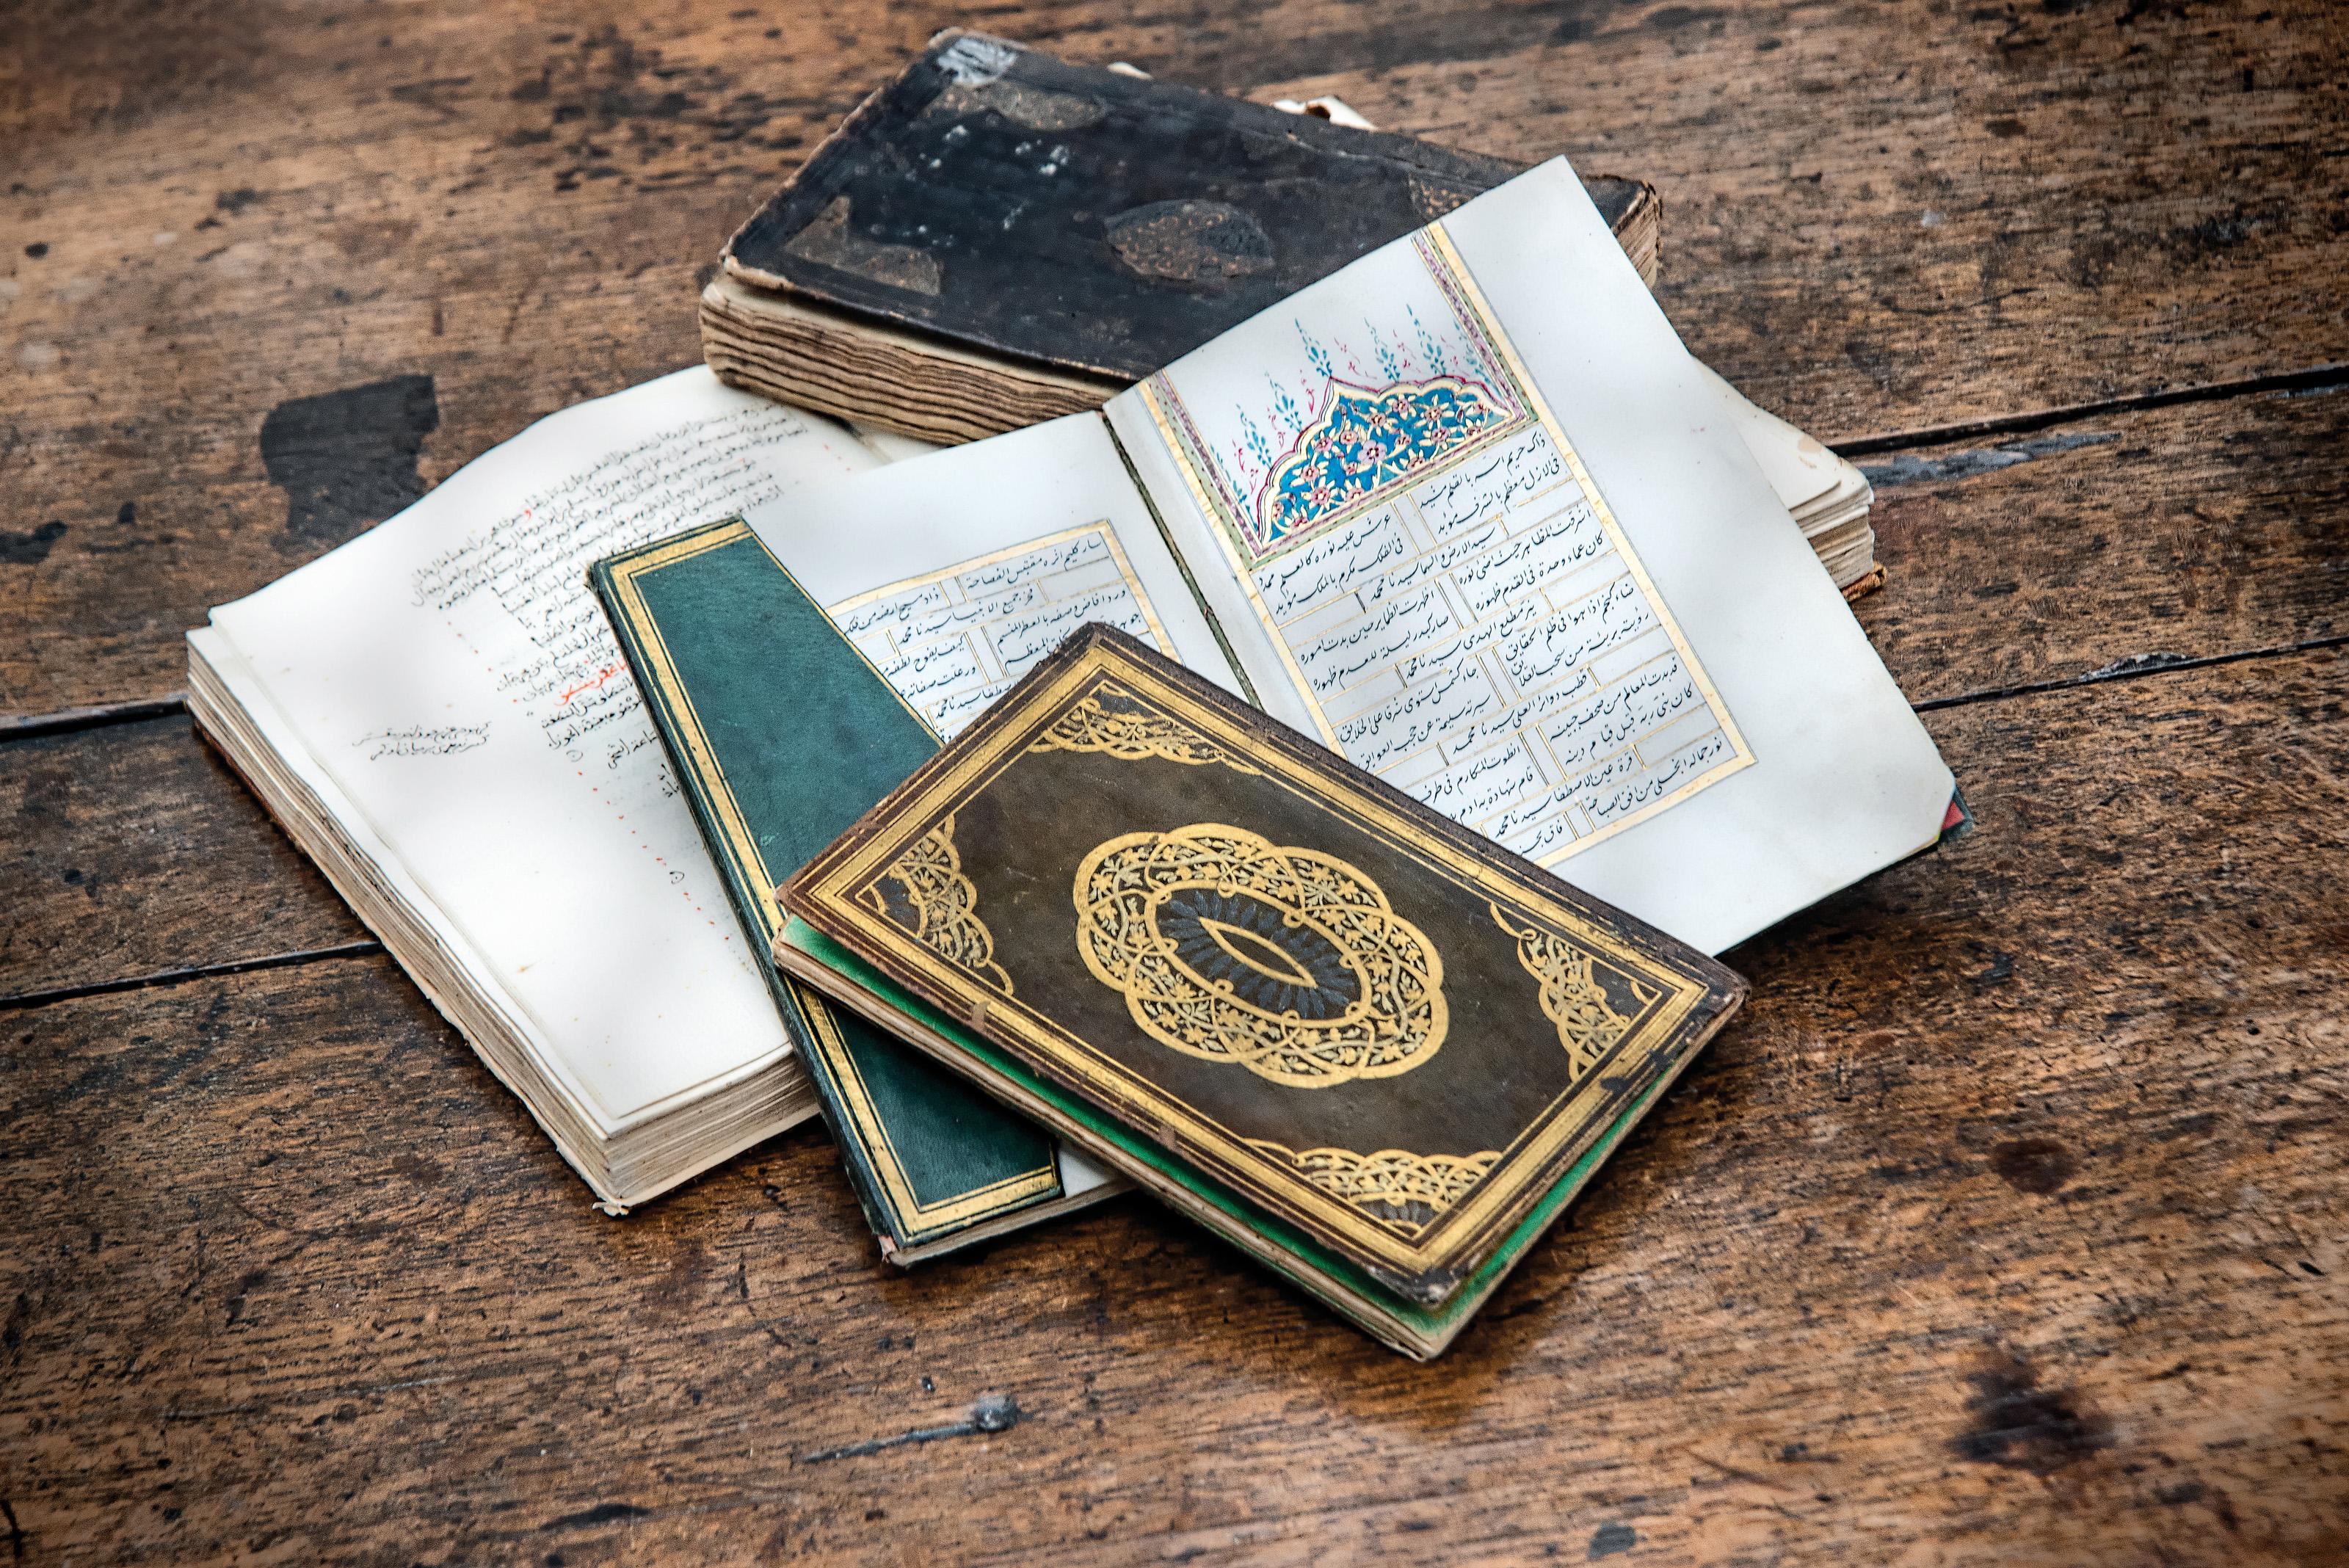 AN EARLY DIWAN OF AL-MUTANABBI